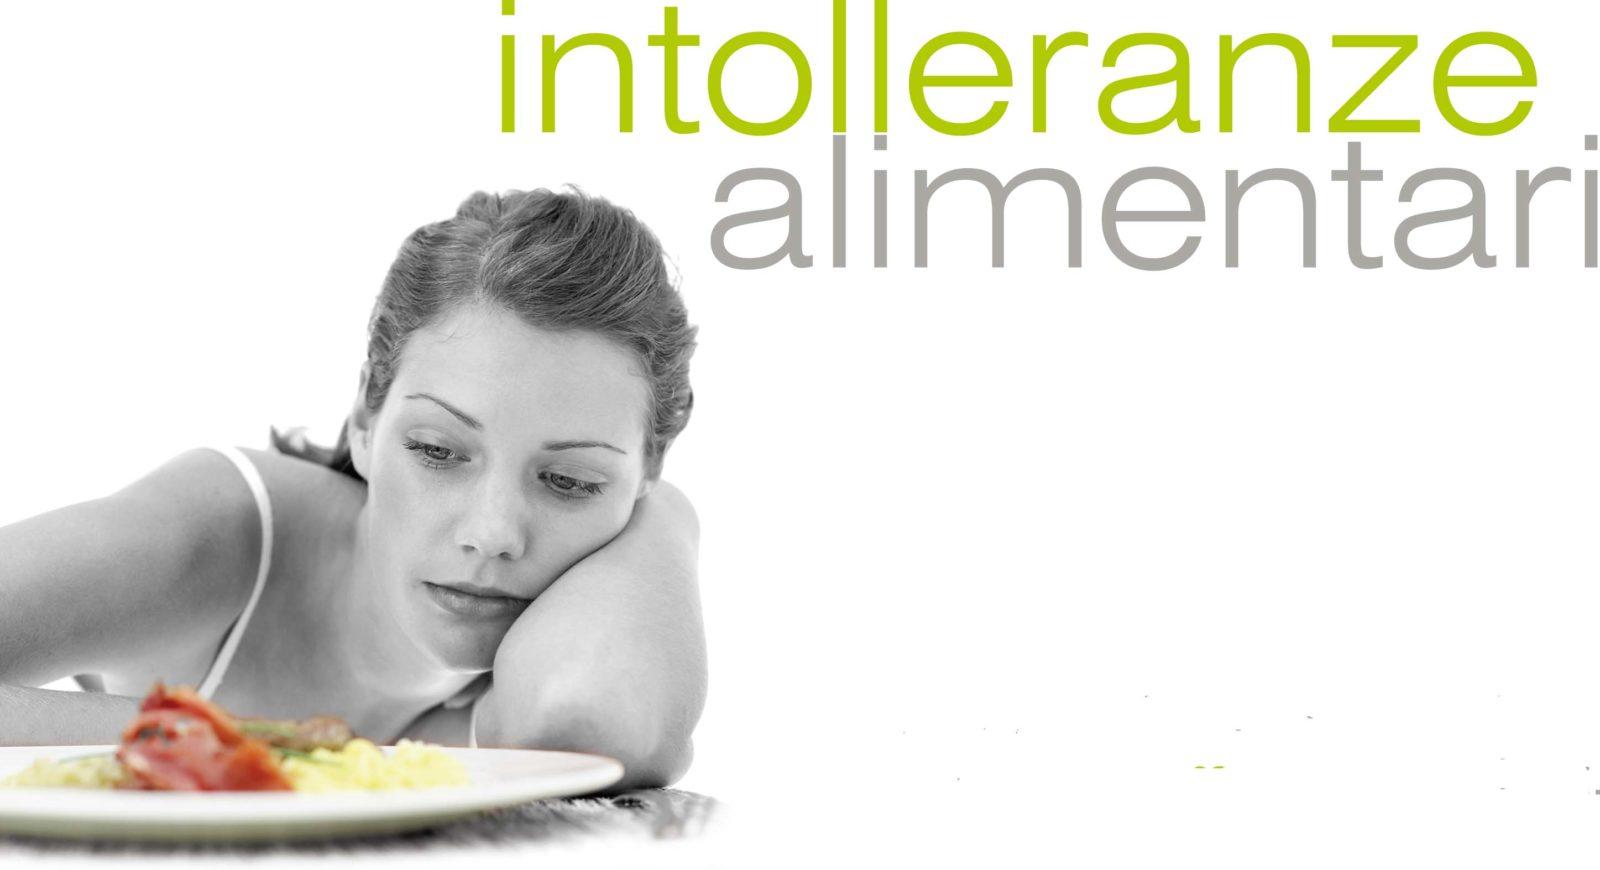 Intolleranze alimentari: allergie non allergiche